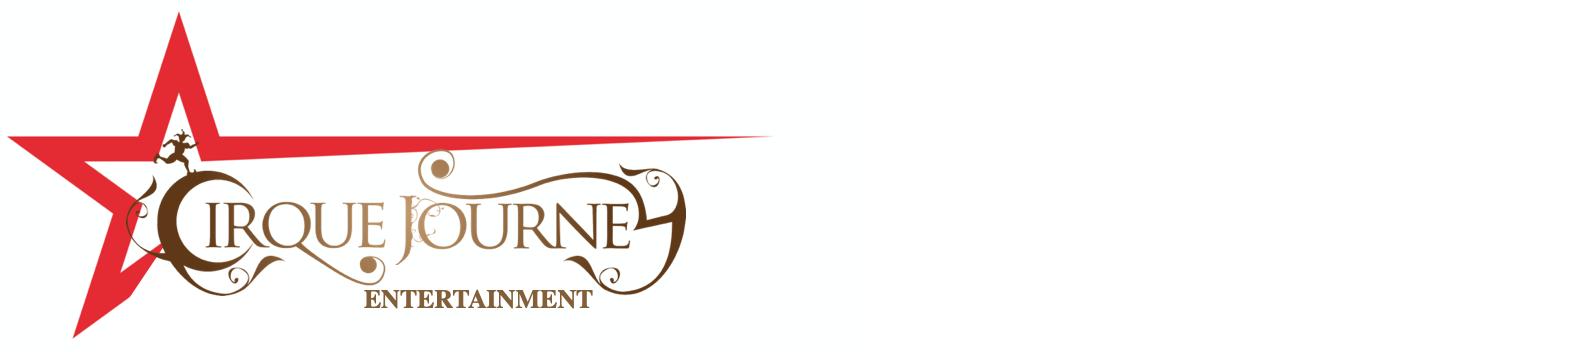 Cirque Journey Shows Logo